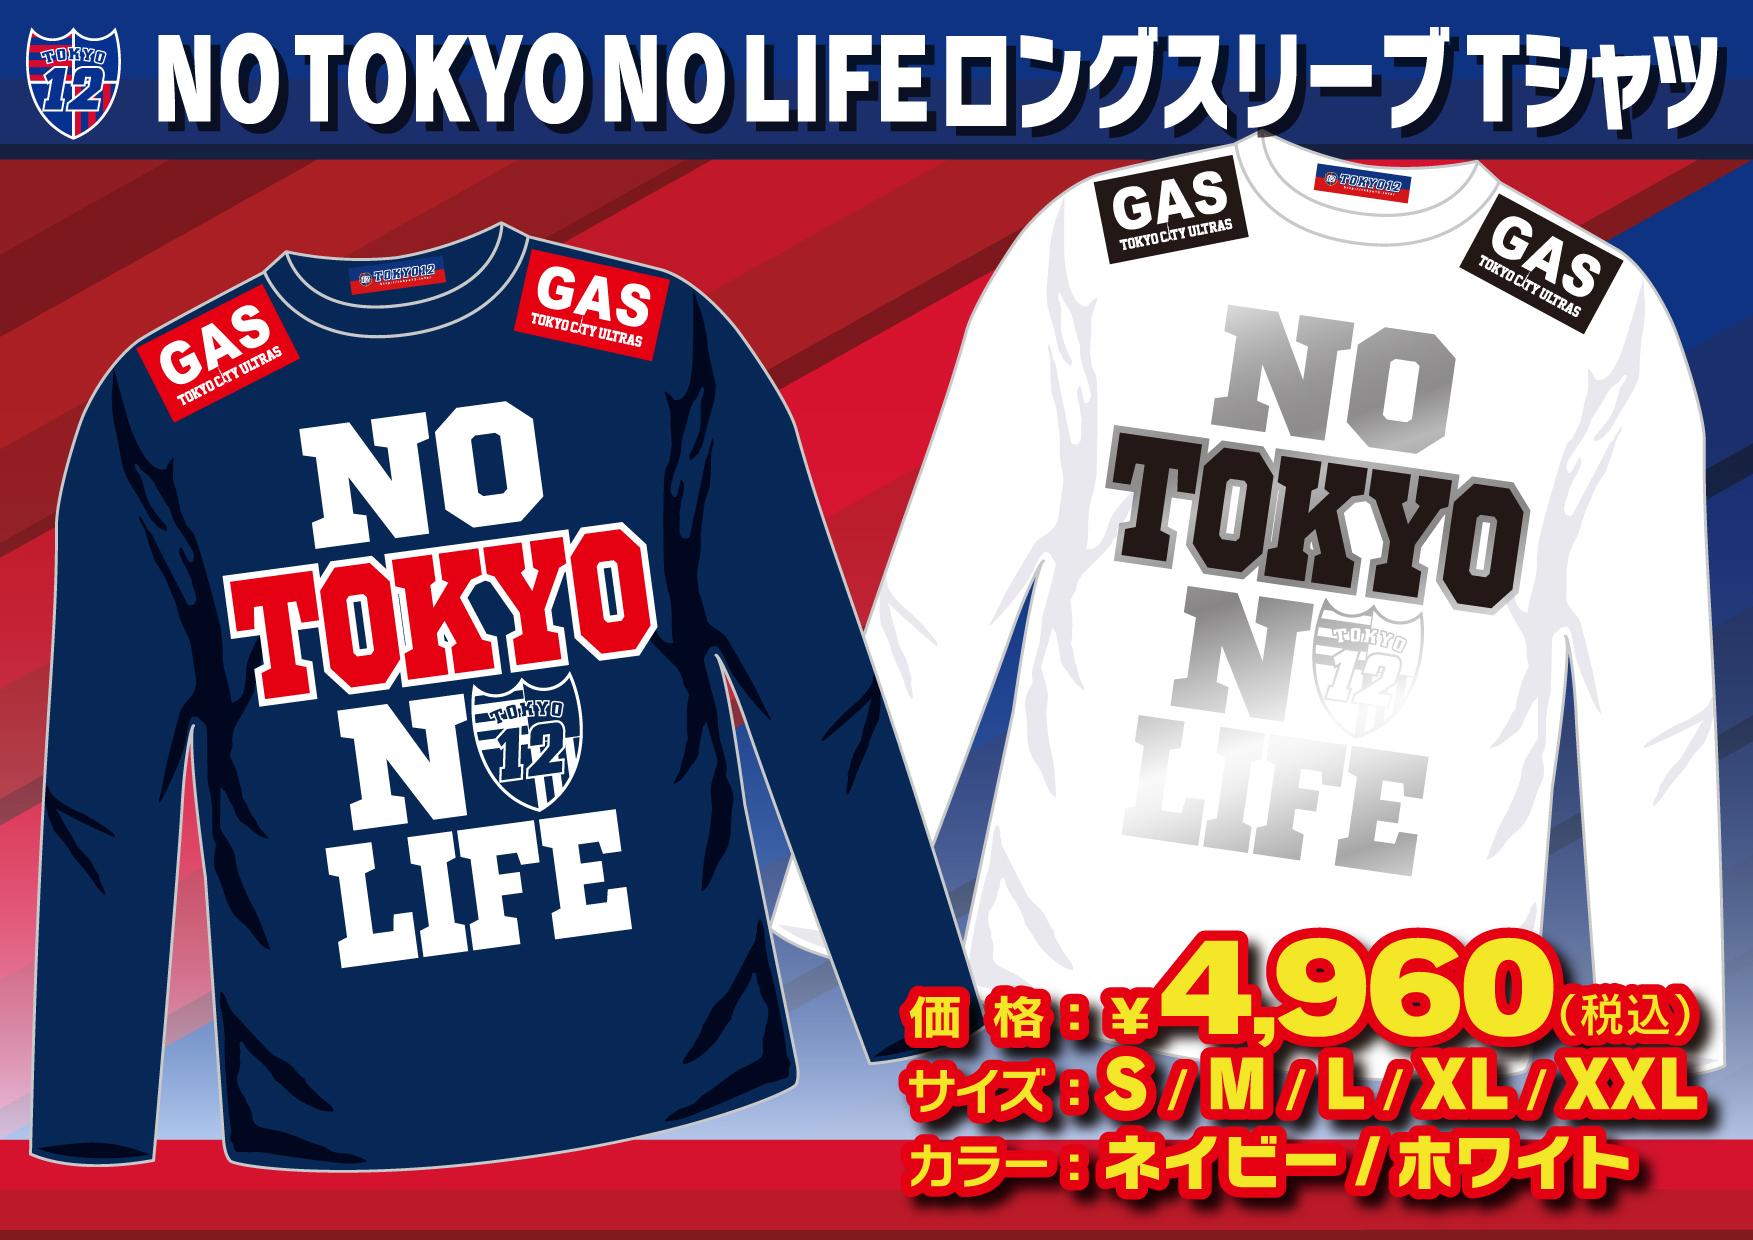 NO TOKYO NO LIFE ロングスリーブTシャツ